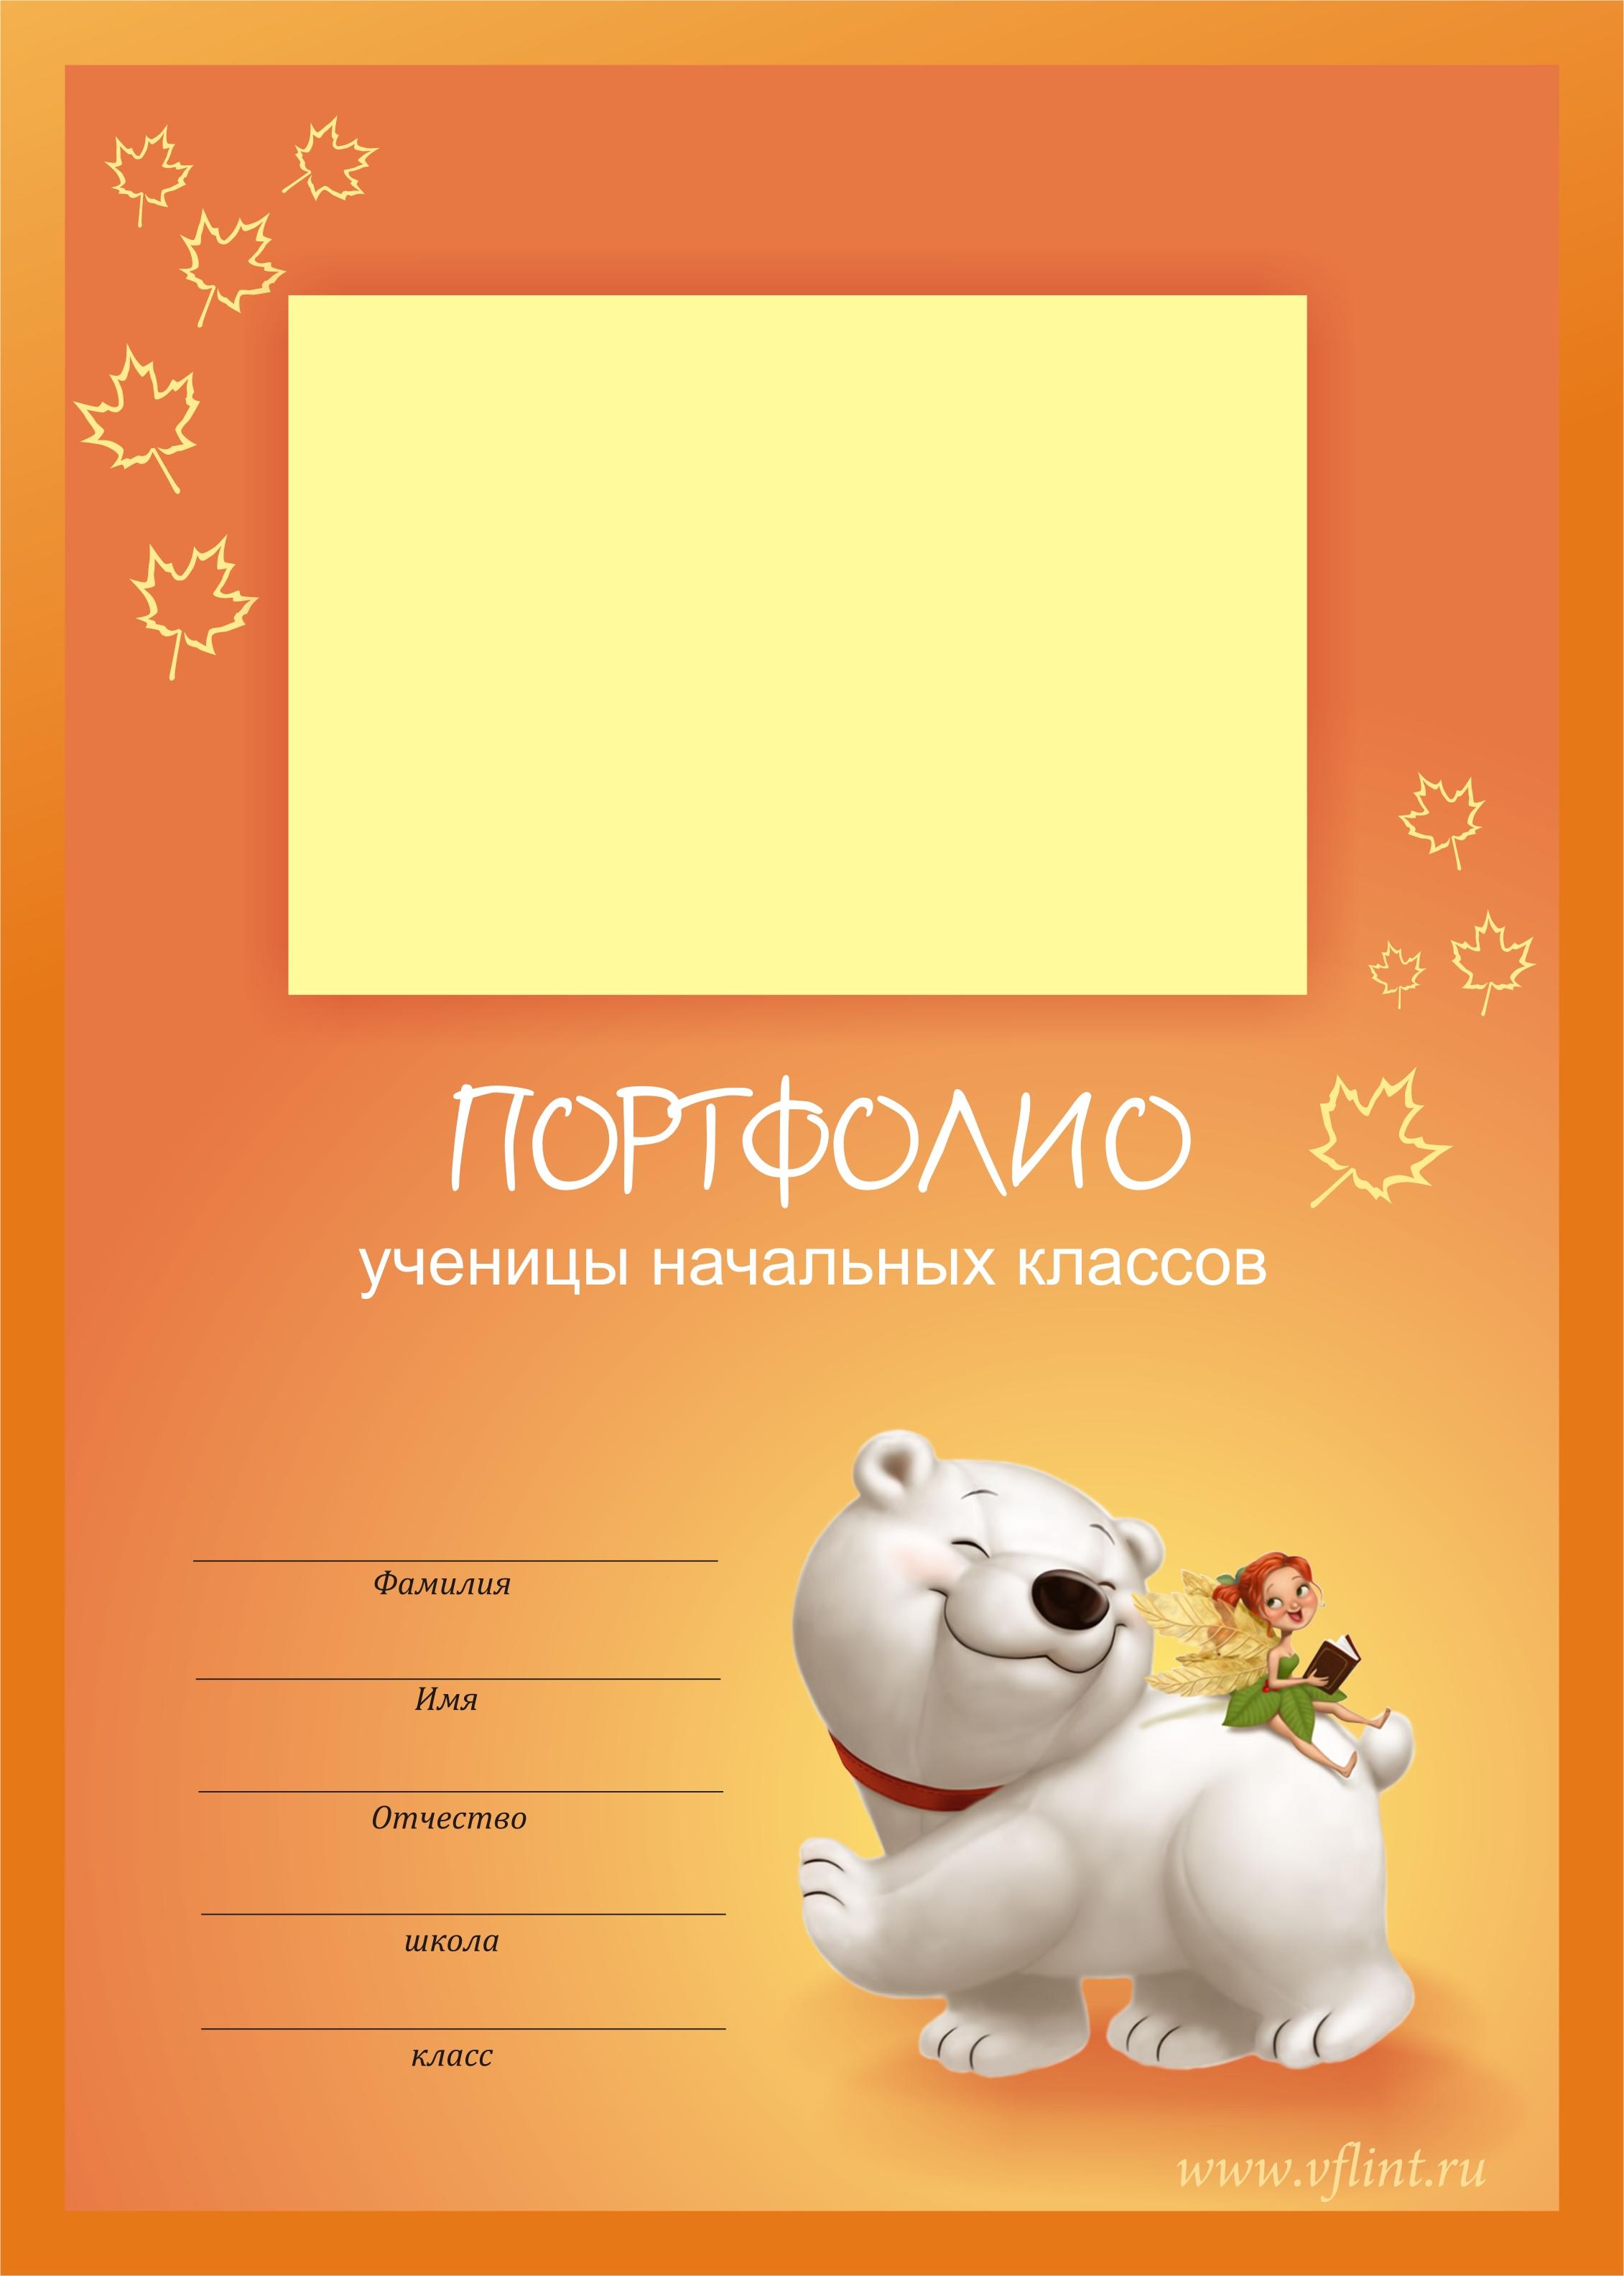 Титульный лист портфолио ученика начальной школы образец 5 фотография